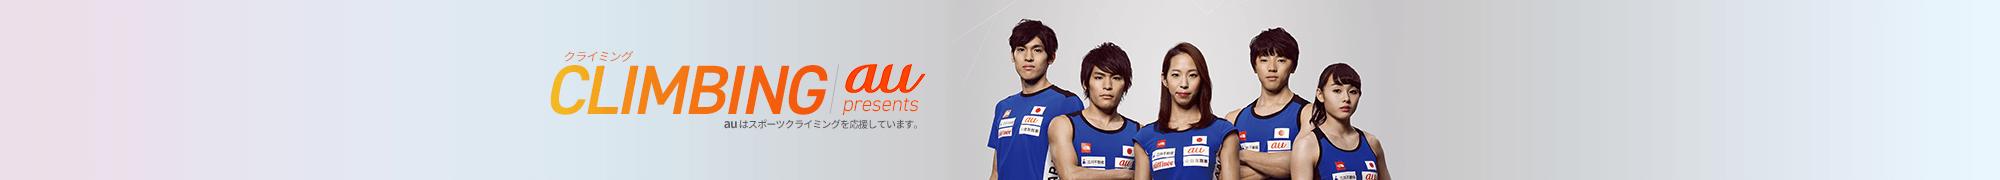 4日、JMSCA(日本山岳・スポーツクライミング協会)は8月の世界ユース選手権(イタリア・アルコ)に臨むユース日本代表21名を発表した。 選考は今年のリード、ボルダリングの各日本ユ…